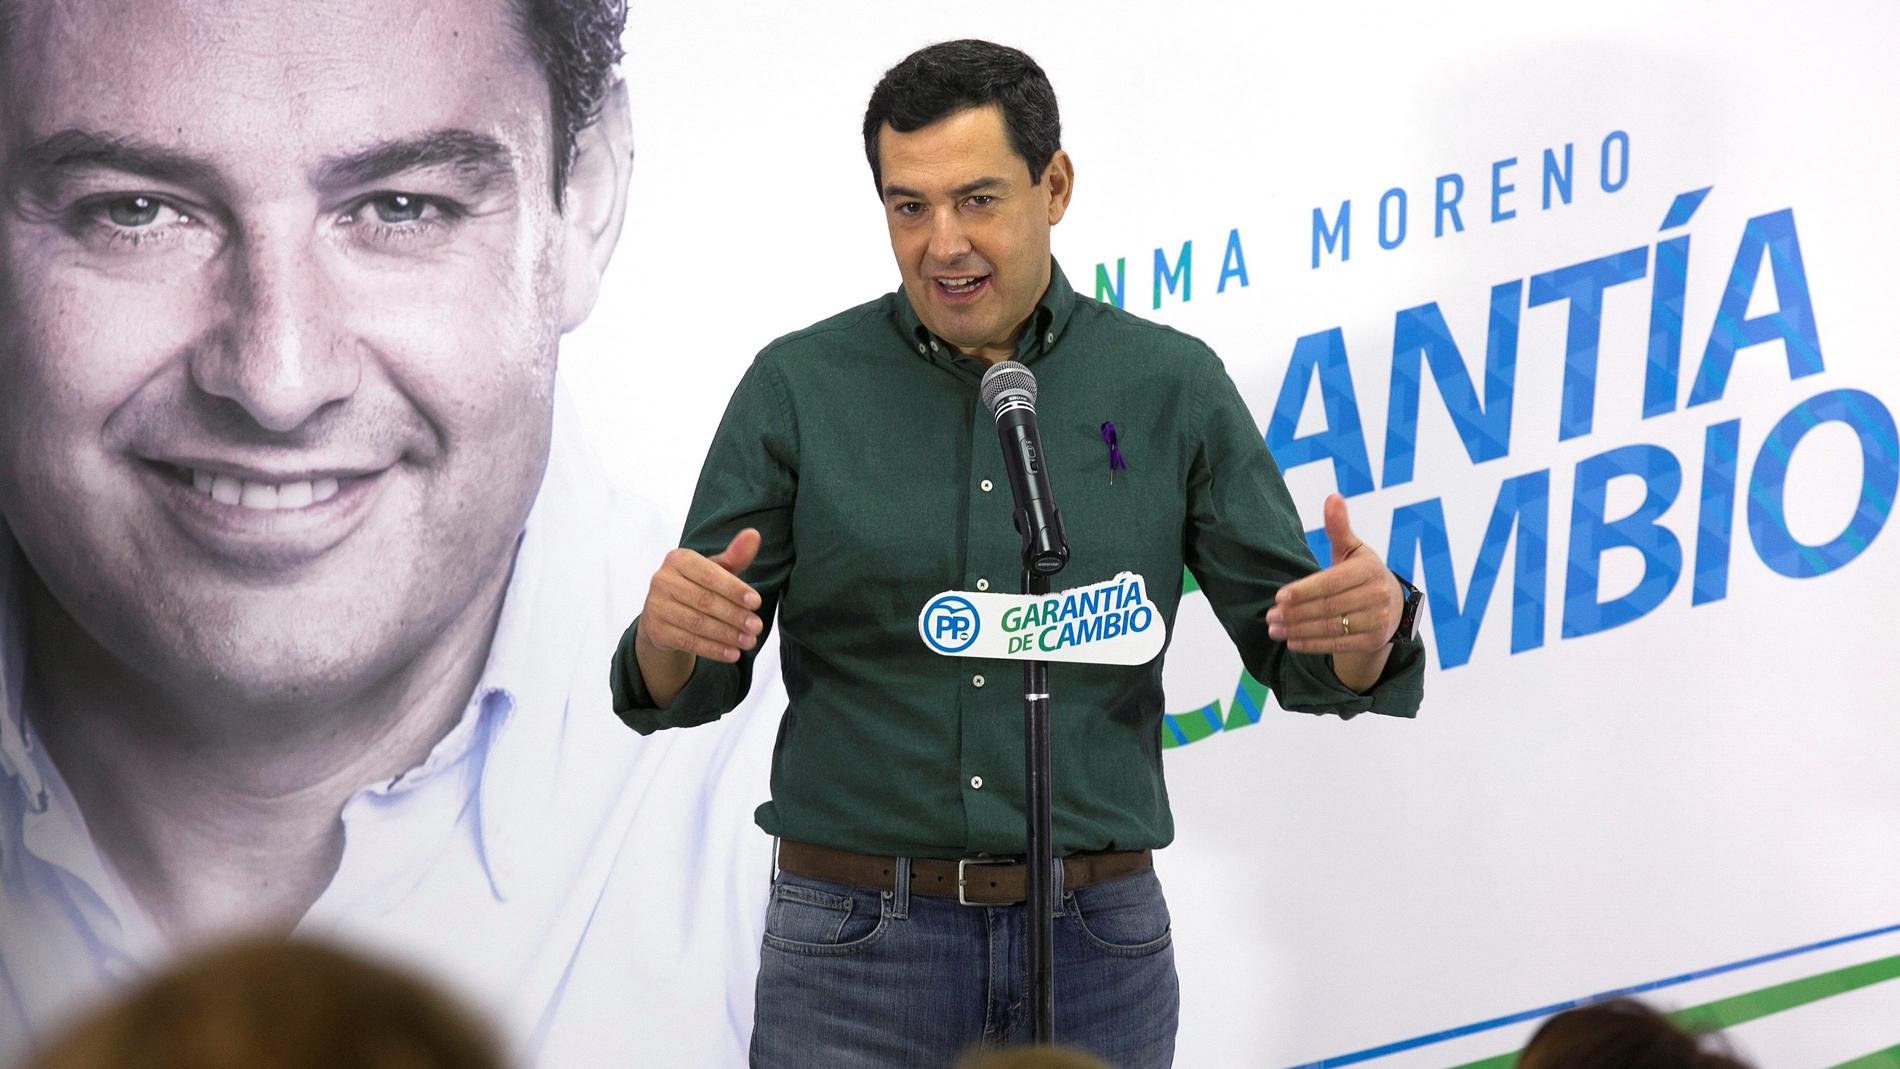 El exalcalde de Boadilla, 'El Albondiguilla', señala a Moreno y Rajoy por el caso Bárcenas